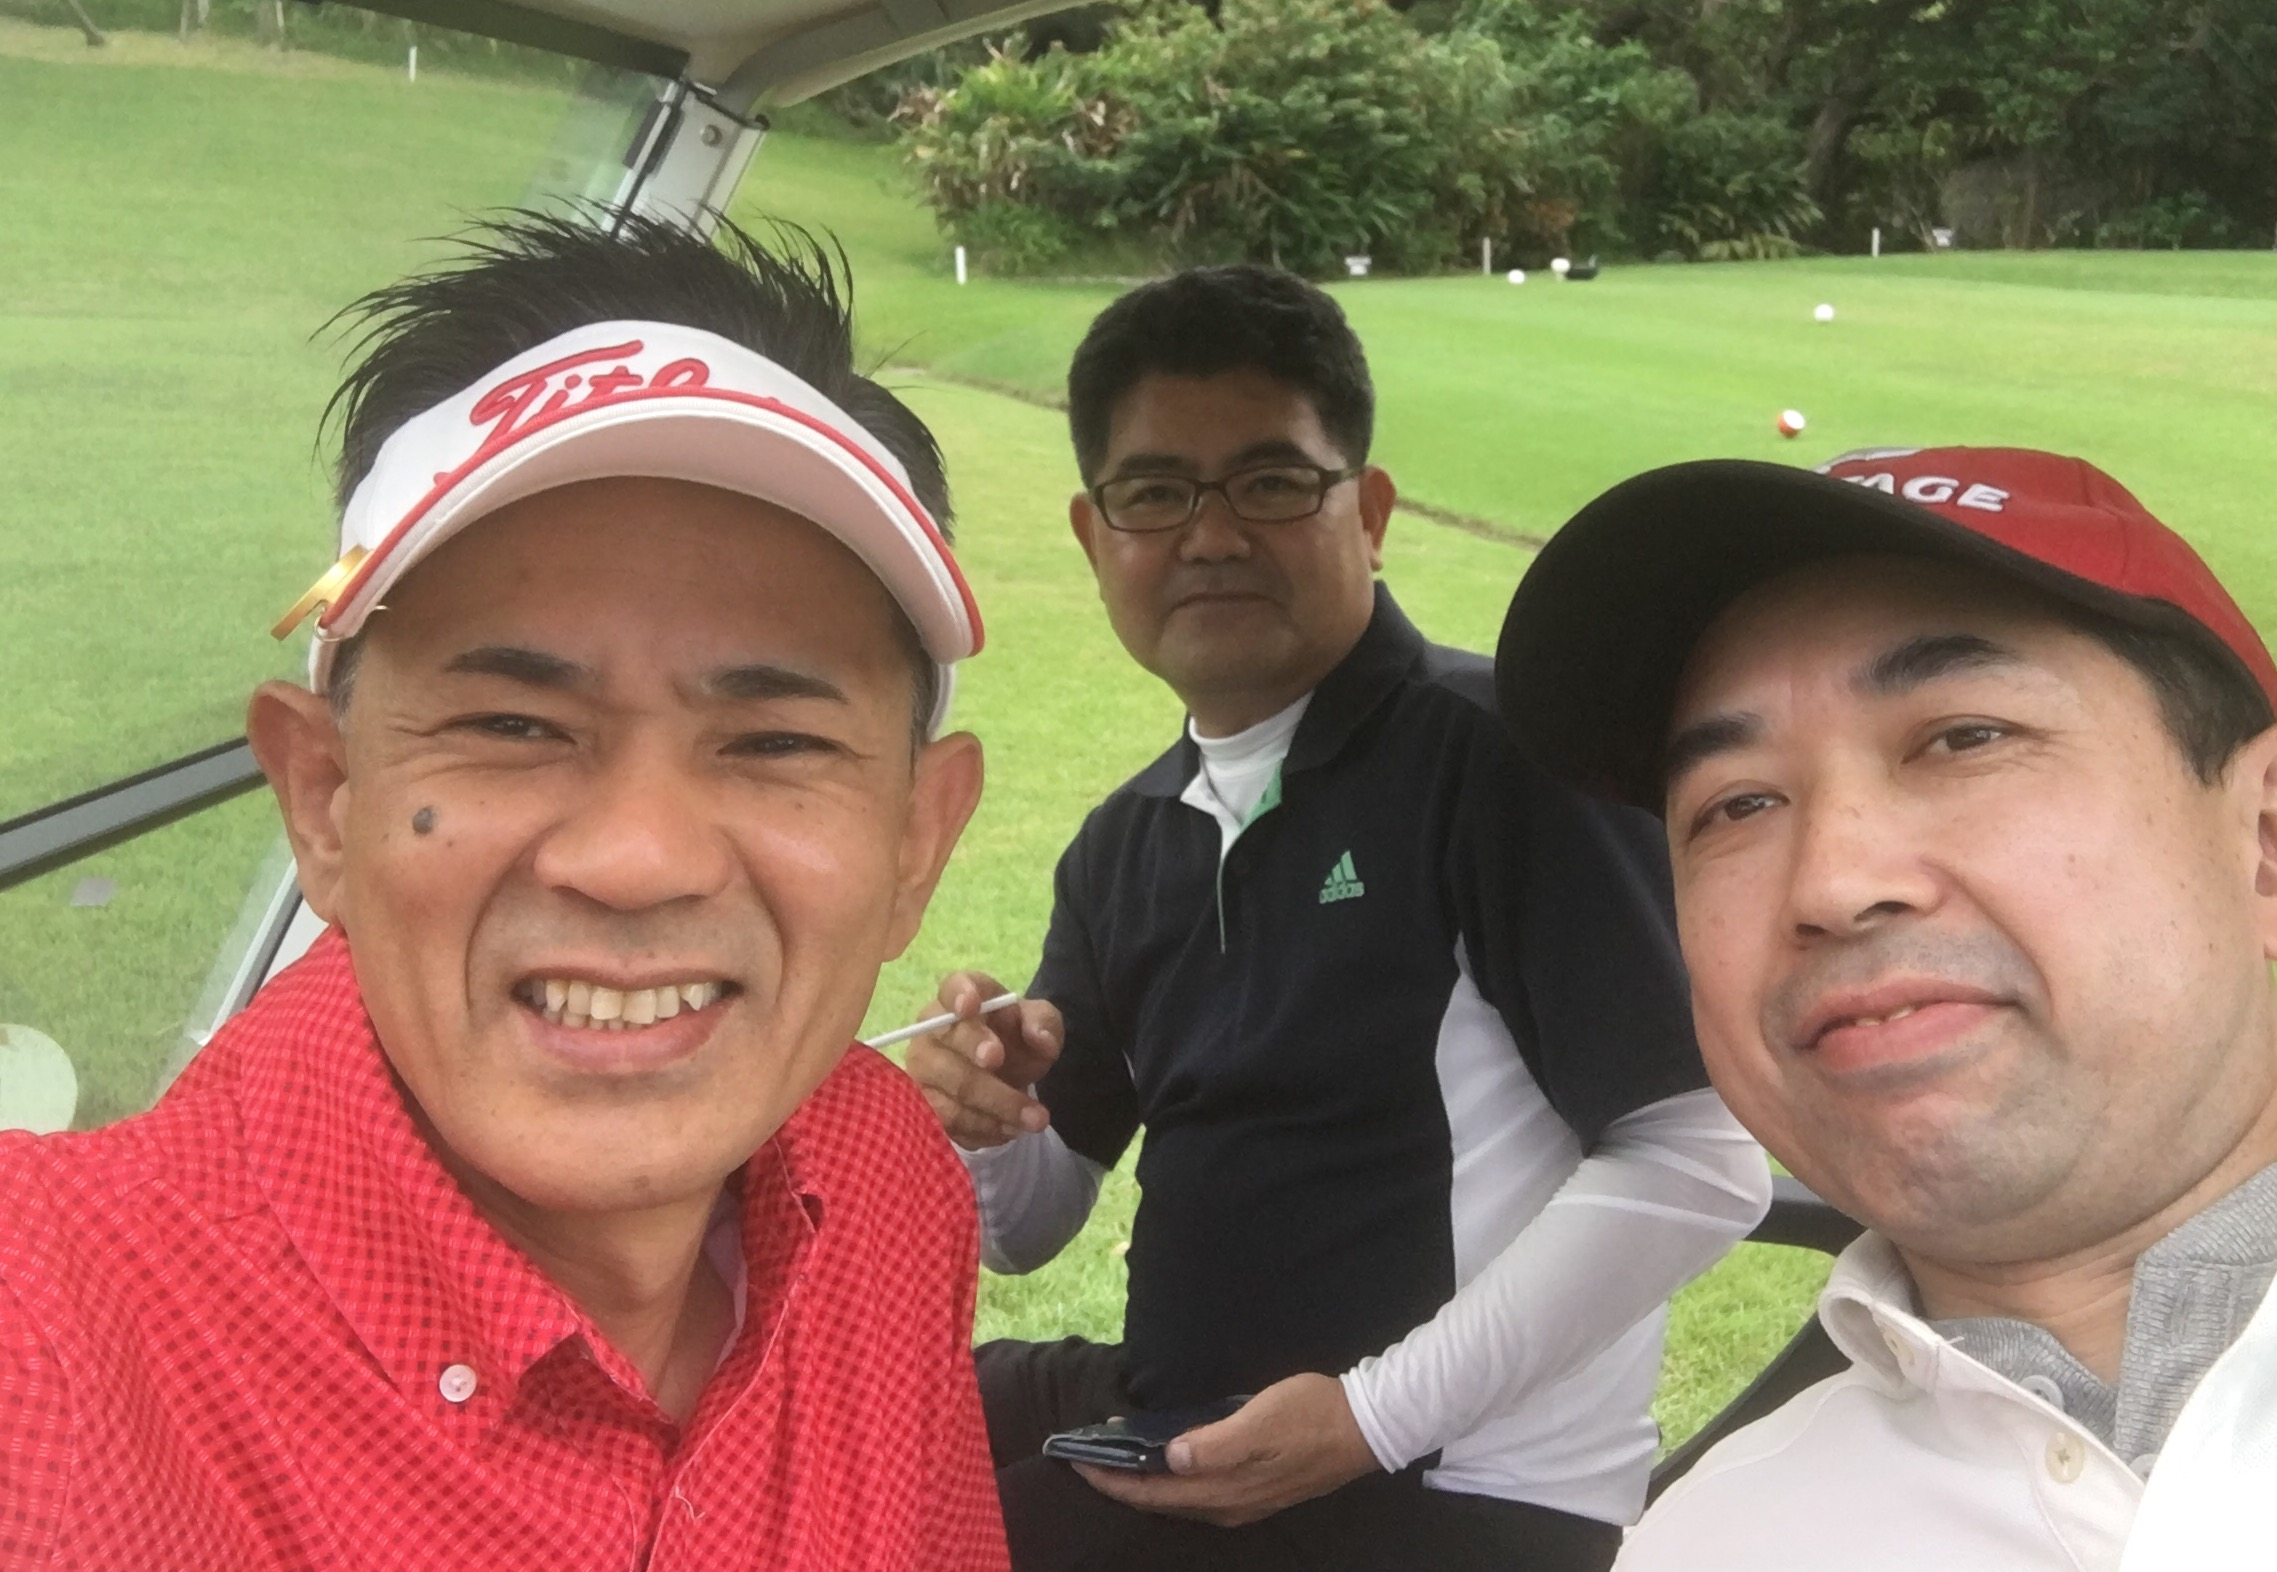 この2年 超   多忙な毎日の先生 数ヶ月前に ねぇ〜小堀さん 10月28日って、、、何かある? 先生がスケジュールを確認するのは 本当に稀‼️ だから、この日だけは無条件に 理由も聞かず空けておきました。 何と、、、高校の同窓会ゴルフコンペ ゴルフコンペコースから 楽しい時間を 送っていただきました。 新しくチューニングしたゴルフクラブは どうだったのかな? お土産話楽しみです?⛳️